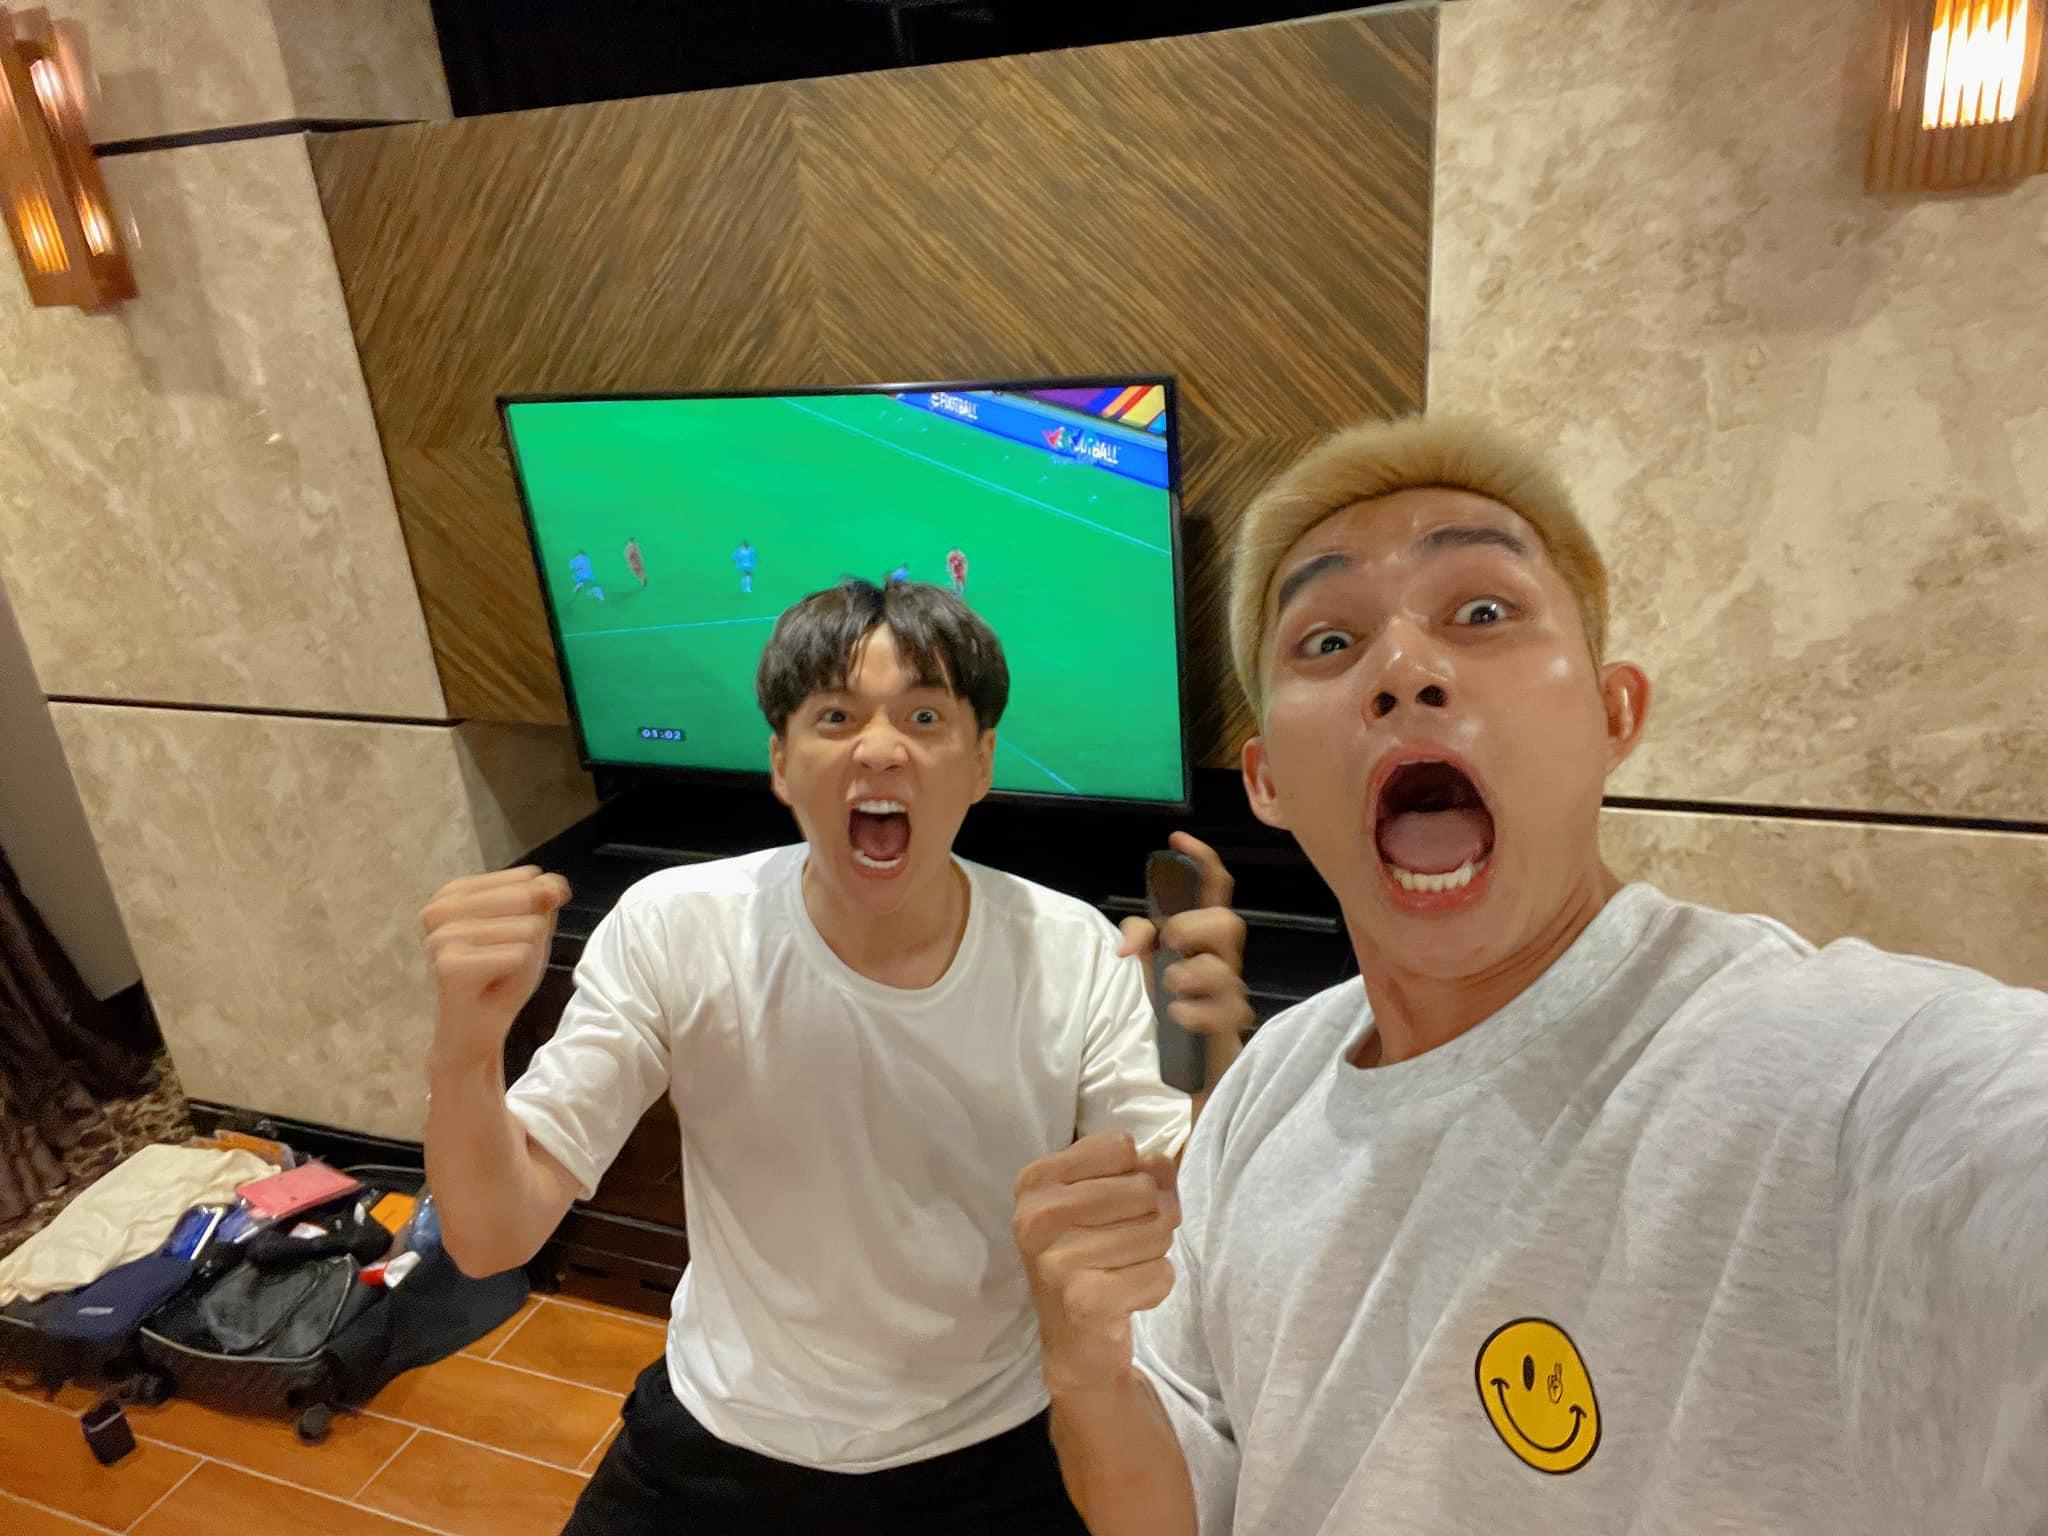 Rất nhiều người Việt đã quyết định thức trọn đêm nay để chứng kiến tuyển Việt Nam thi đấu. Trời ơi, 1 -0. Hoan hô Quang Hải, Jun Phạm cùng Ngô Kiến Huy hào hứng.